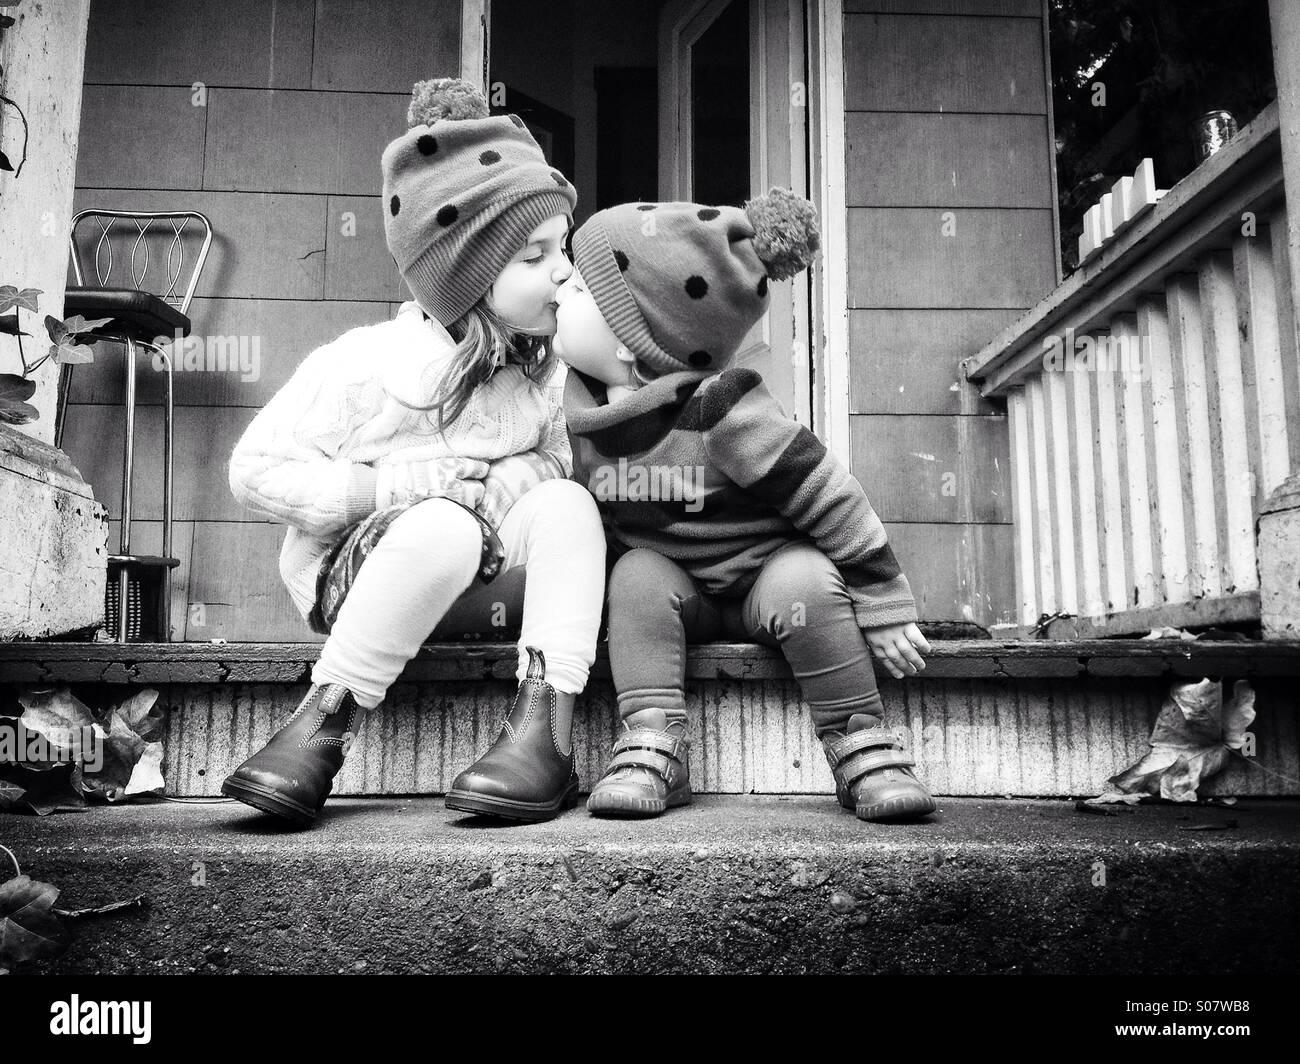 Amor fraternal Imagens de Stock